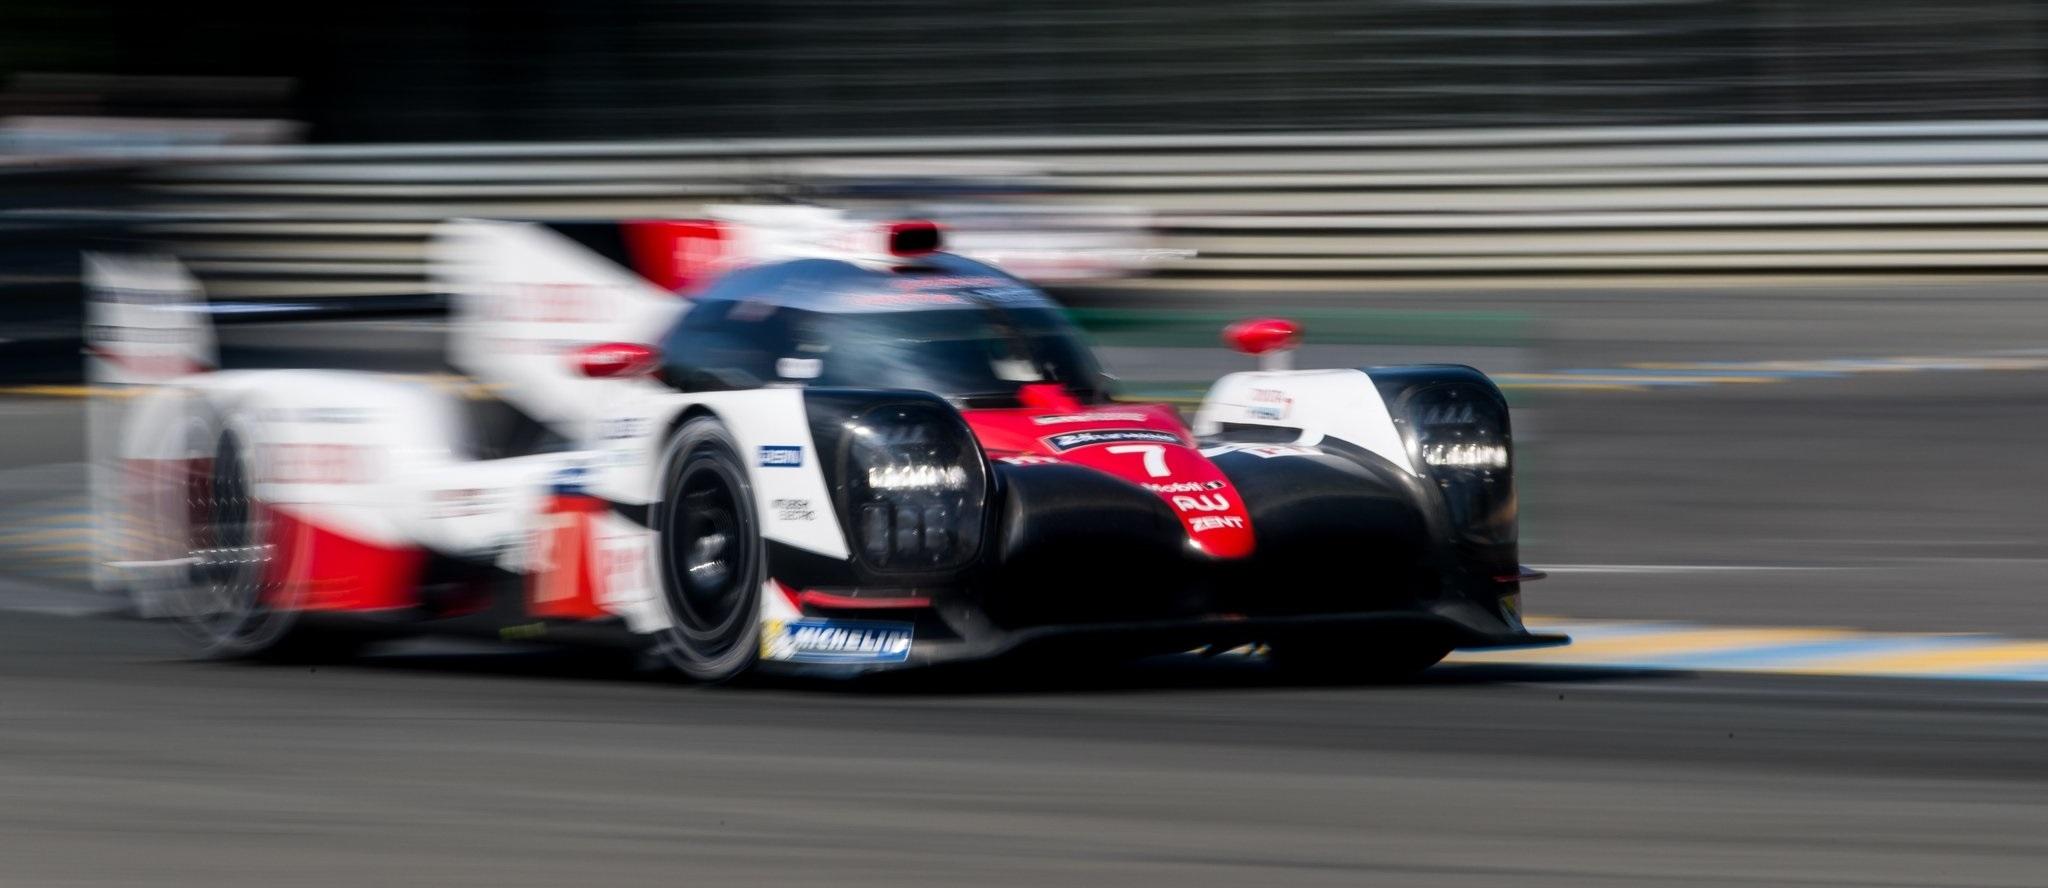 Kamui Kobayashi Le Mans 2017